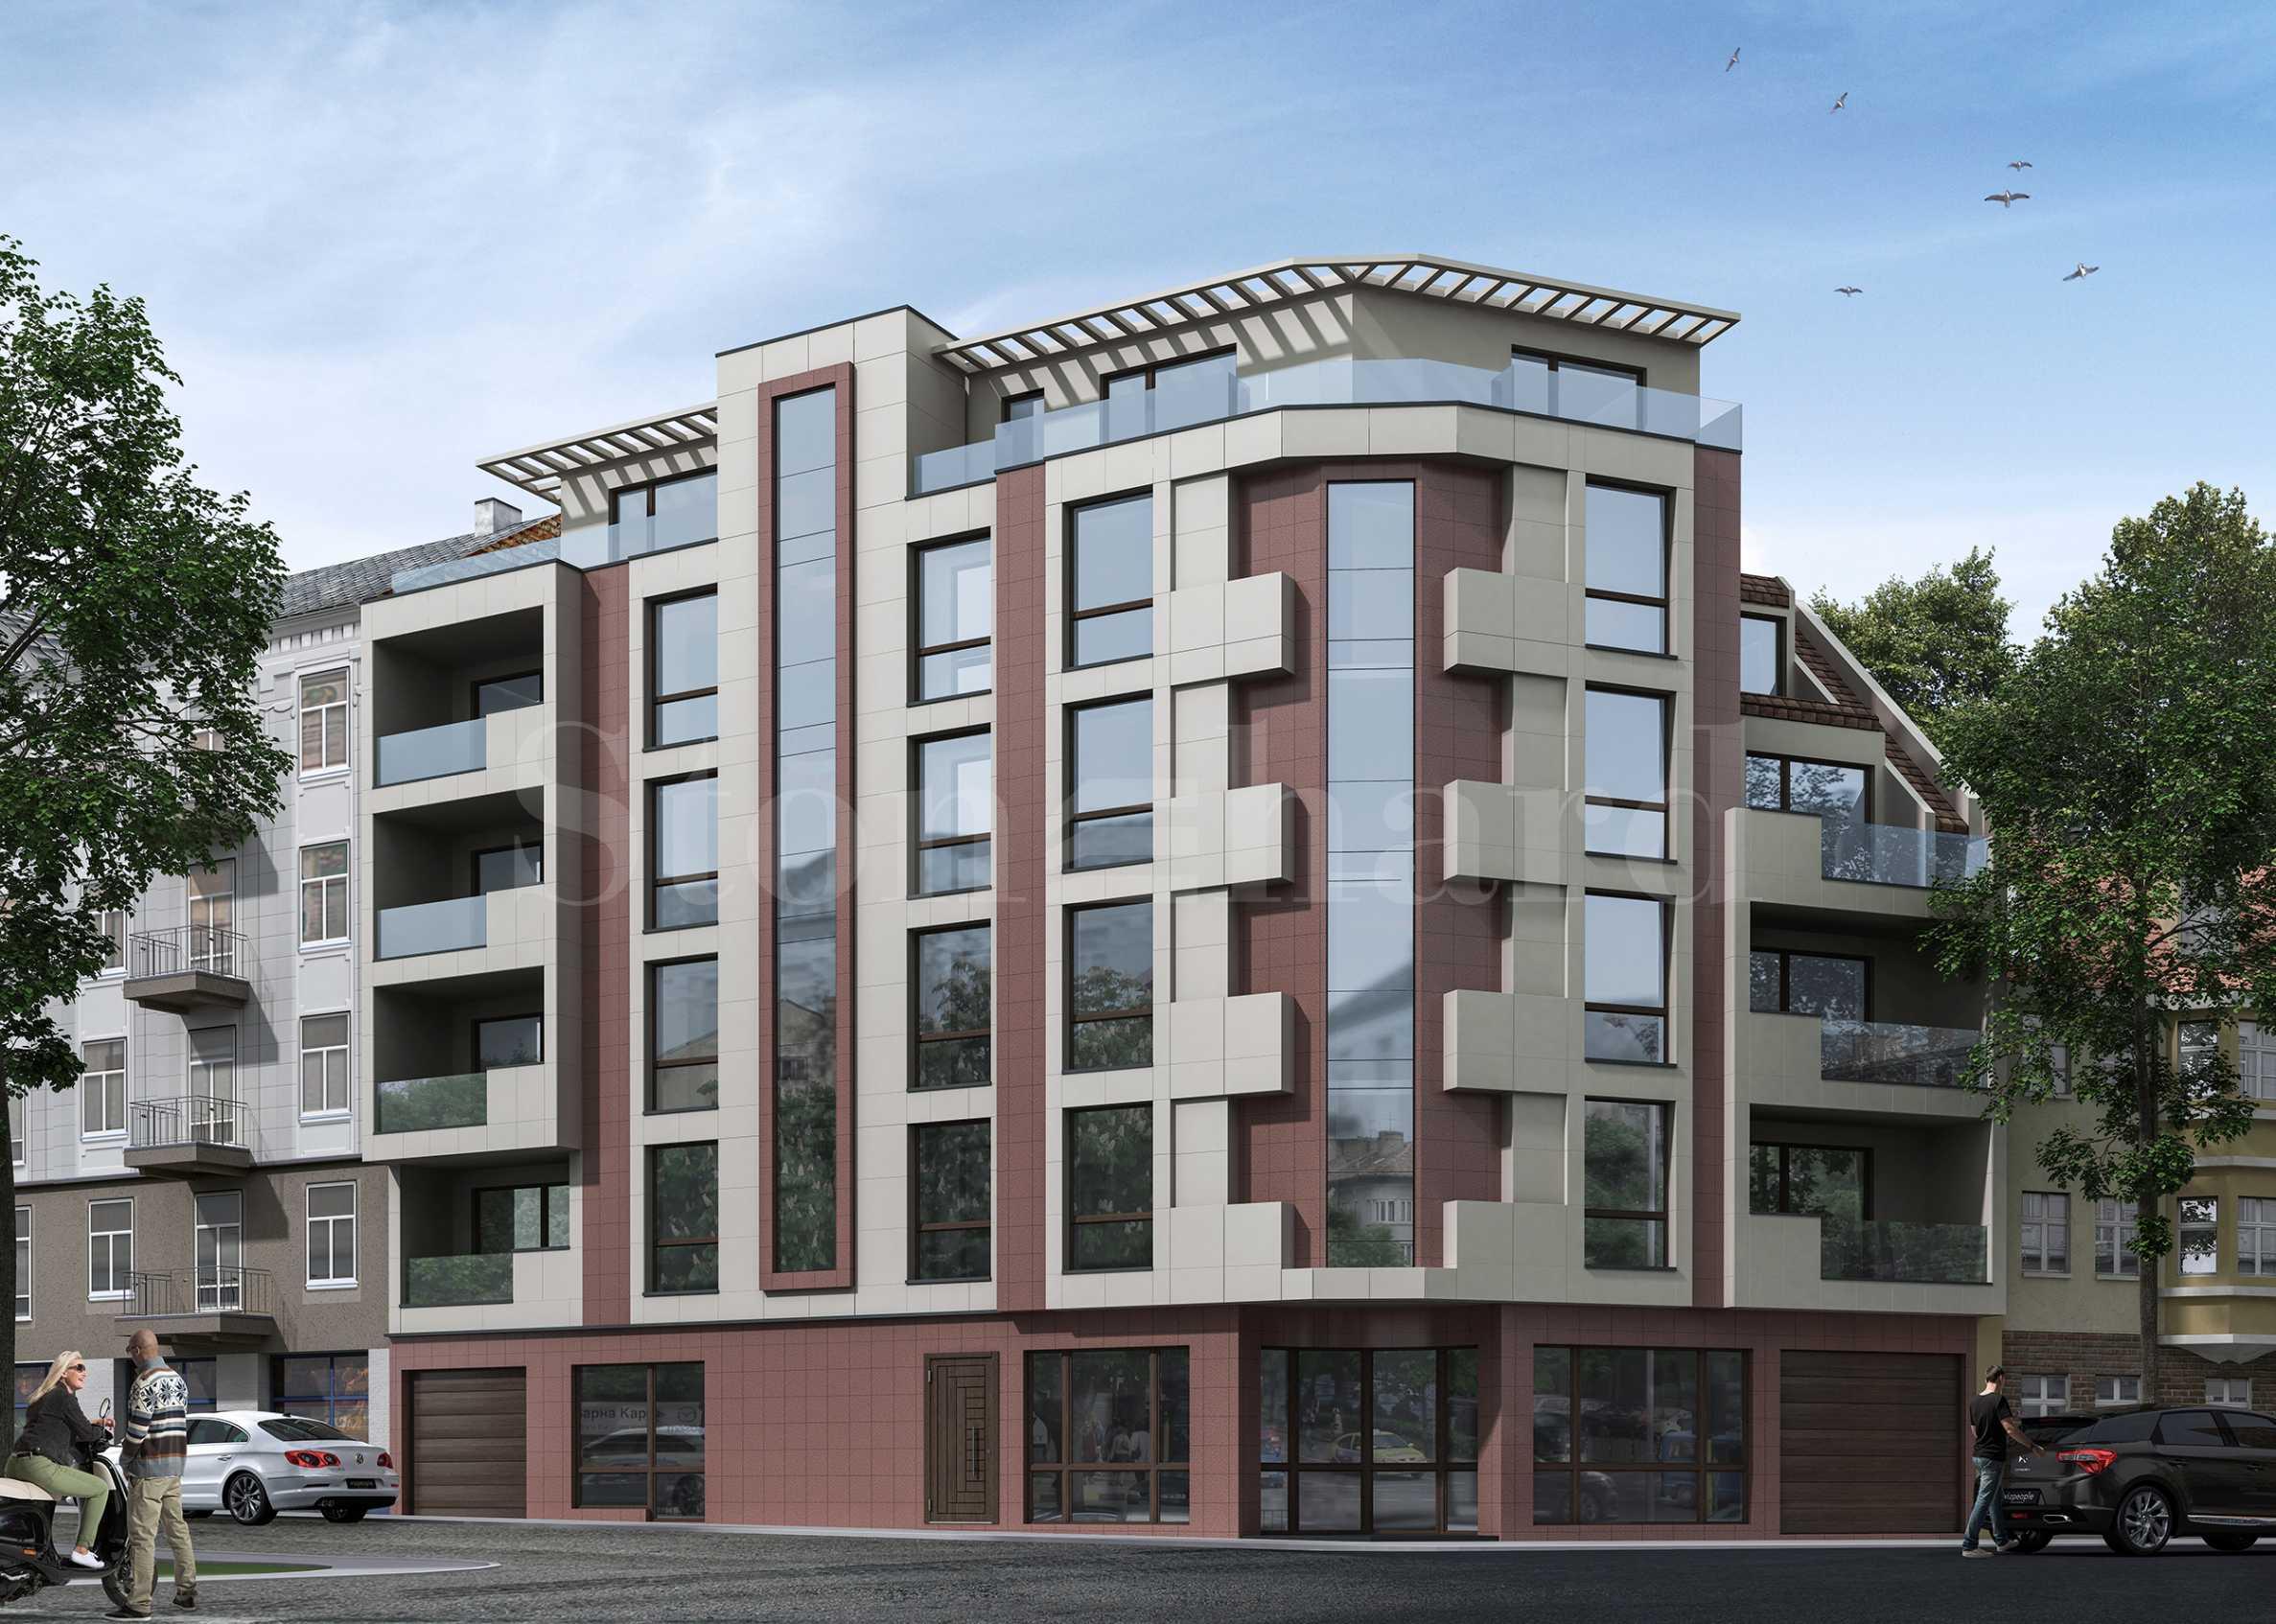 Сграда с модерна визия с апартаменти и паркоместа в центъра на Варна1 - Stonehard